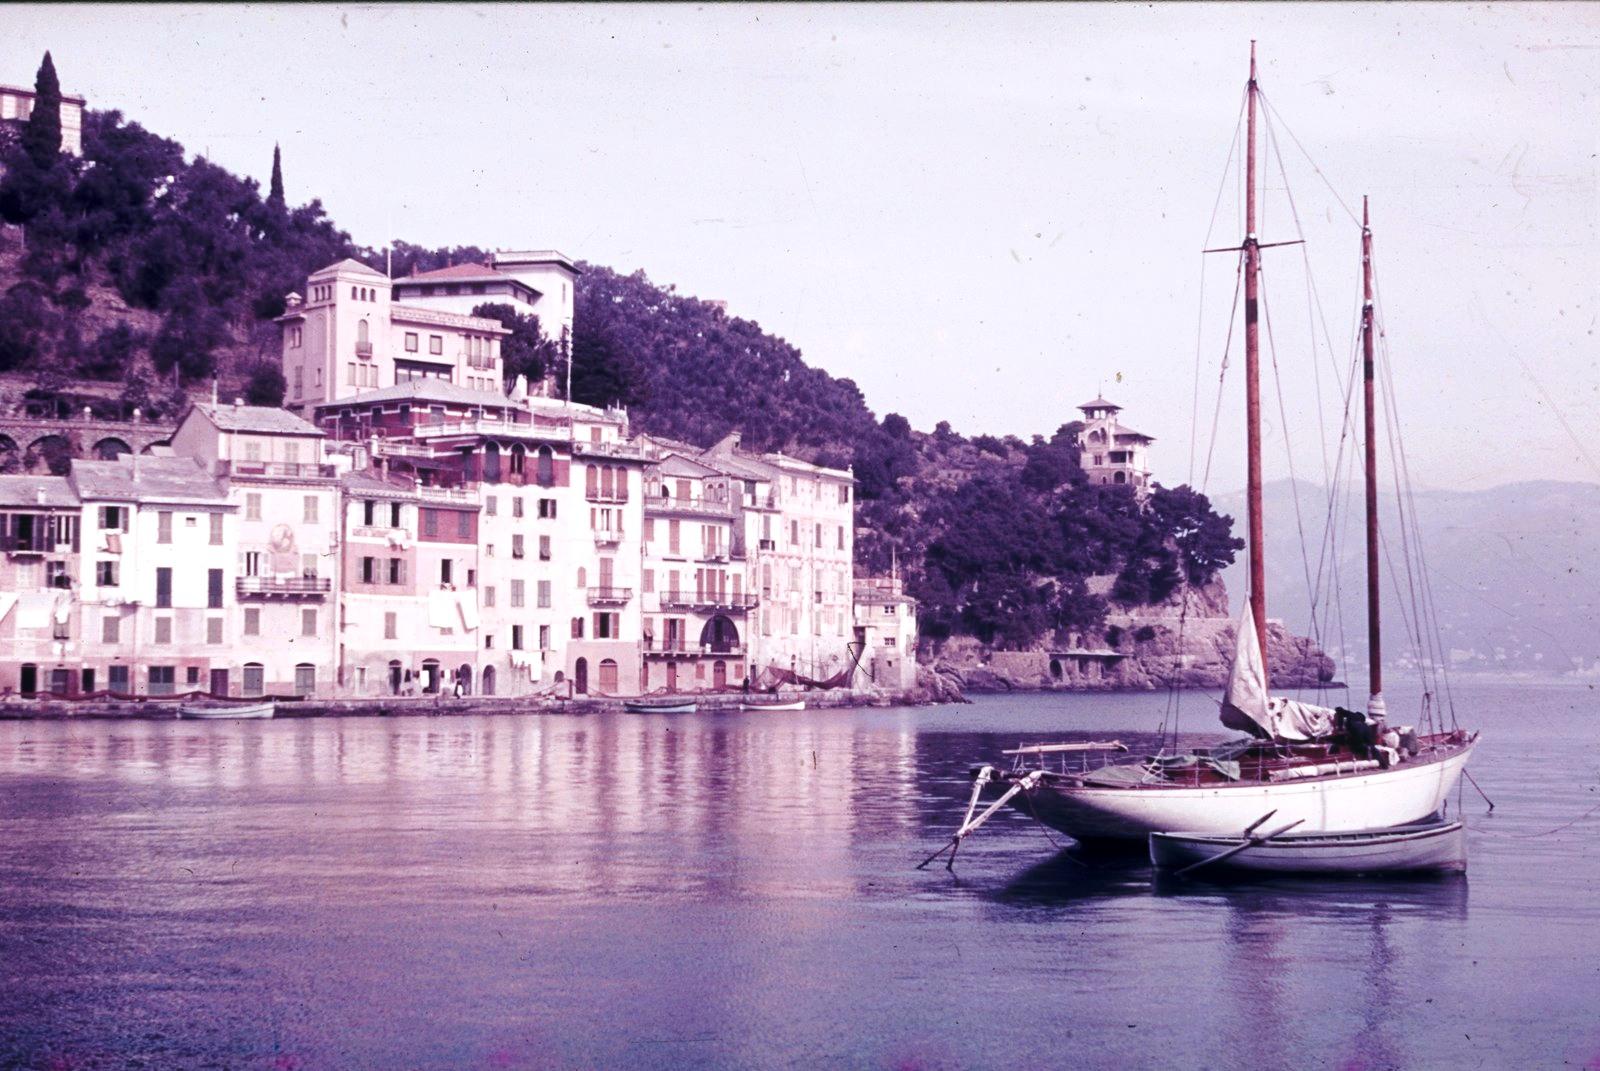 Портофино. Живописное место с рыбацкими лодками